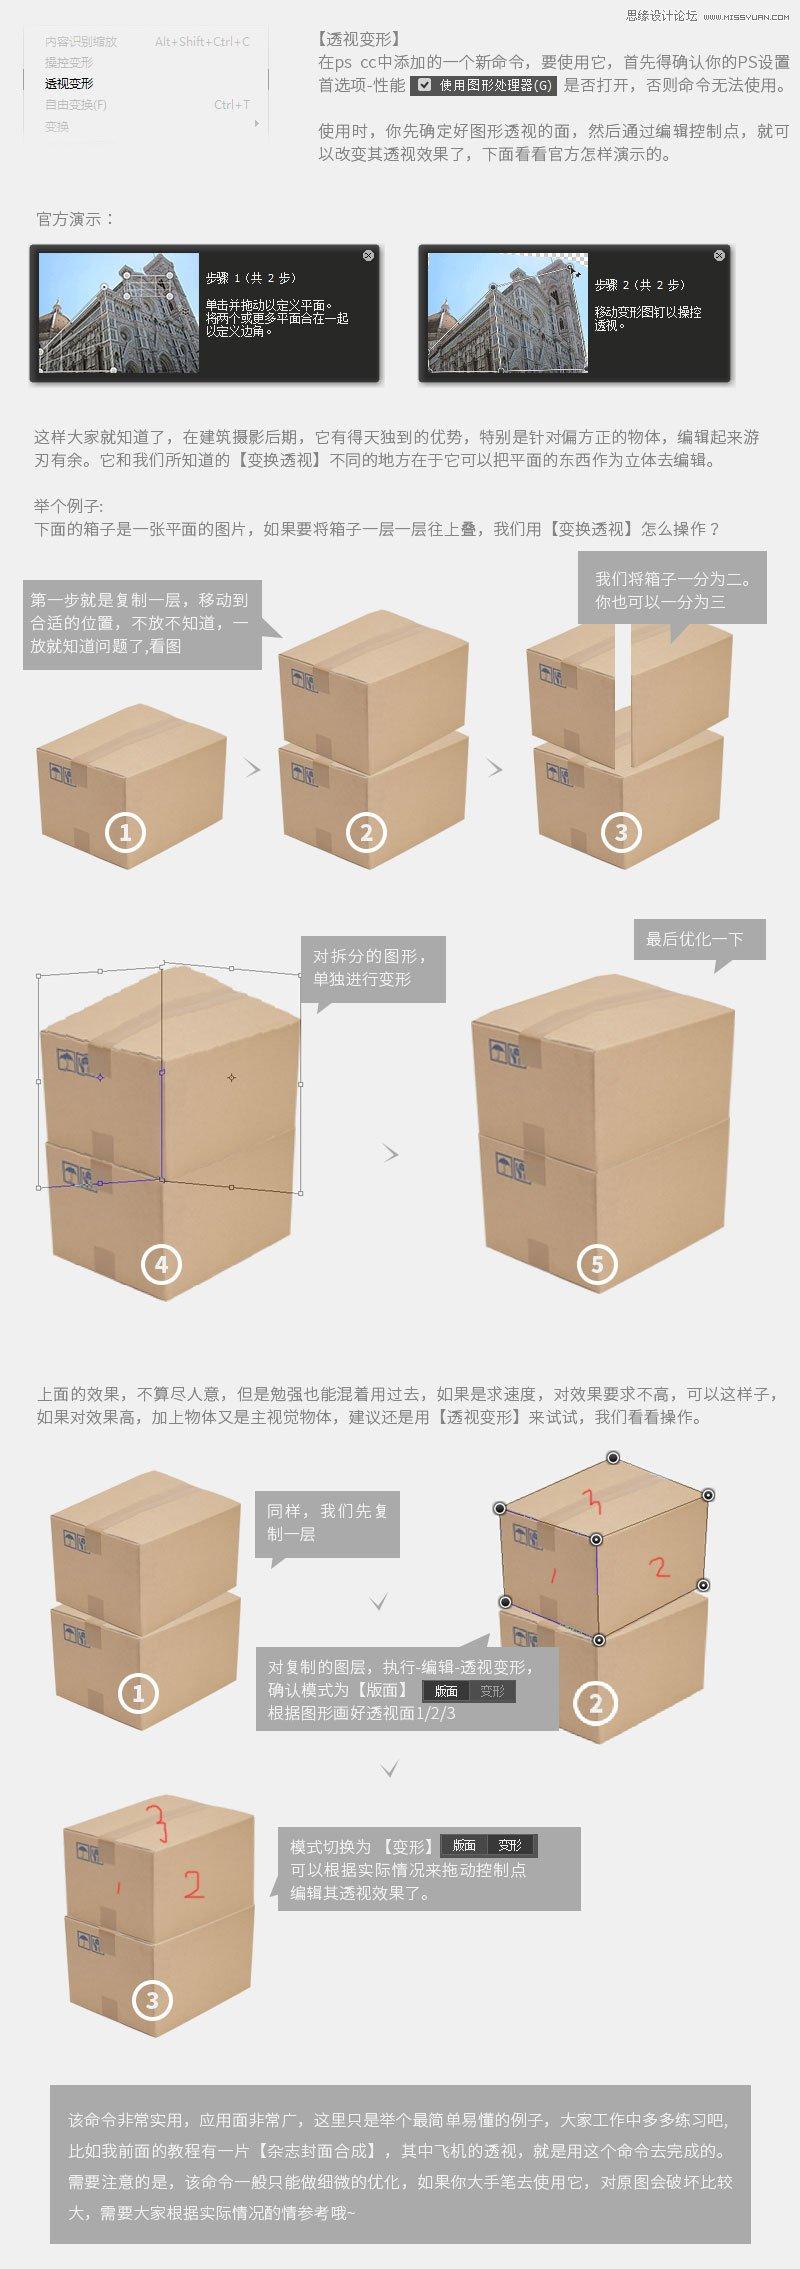 必赢网址国际 7